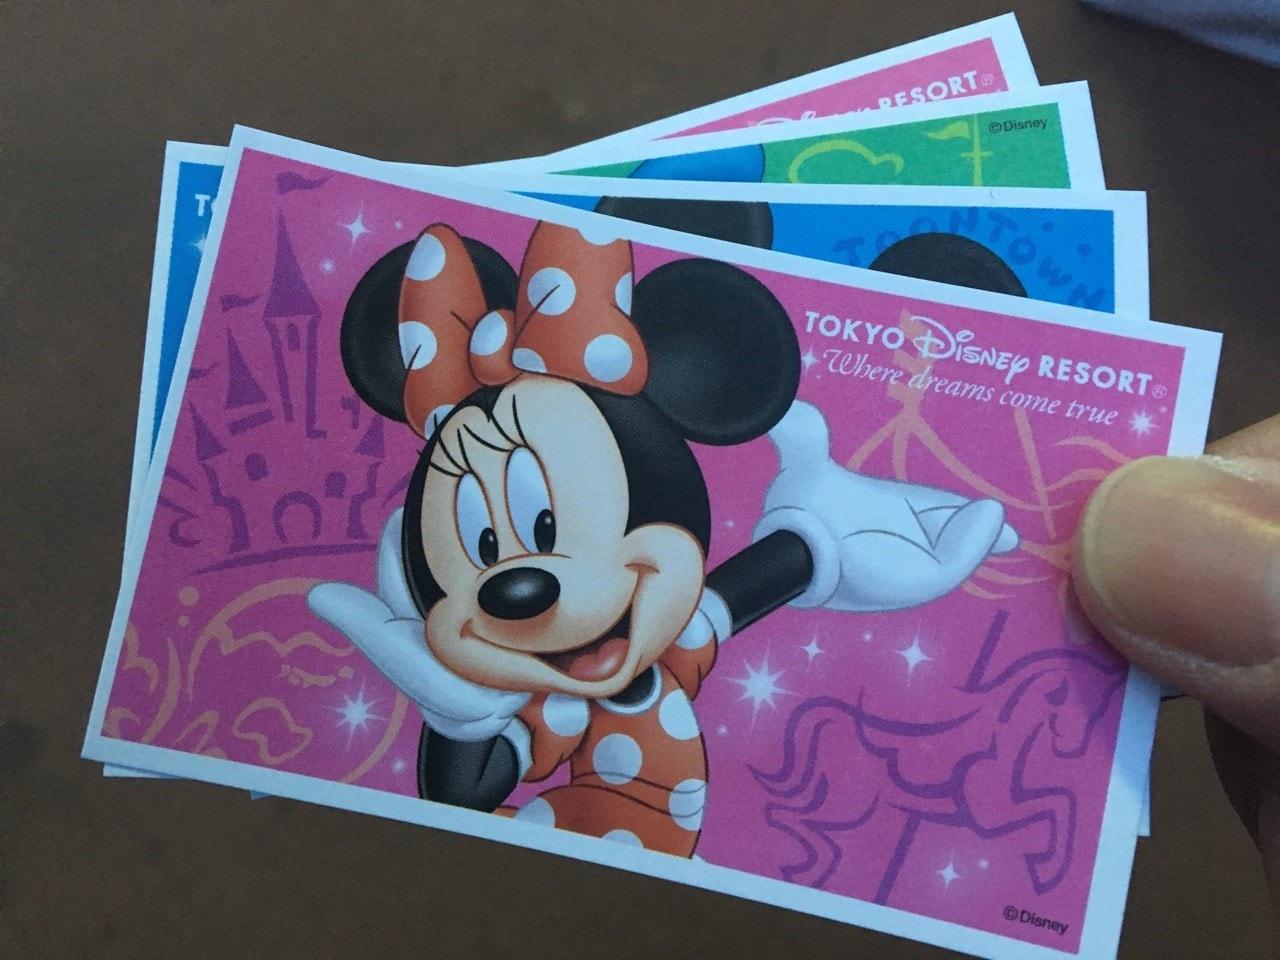 ディズニー名刺サイズのチケット